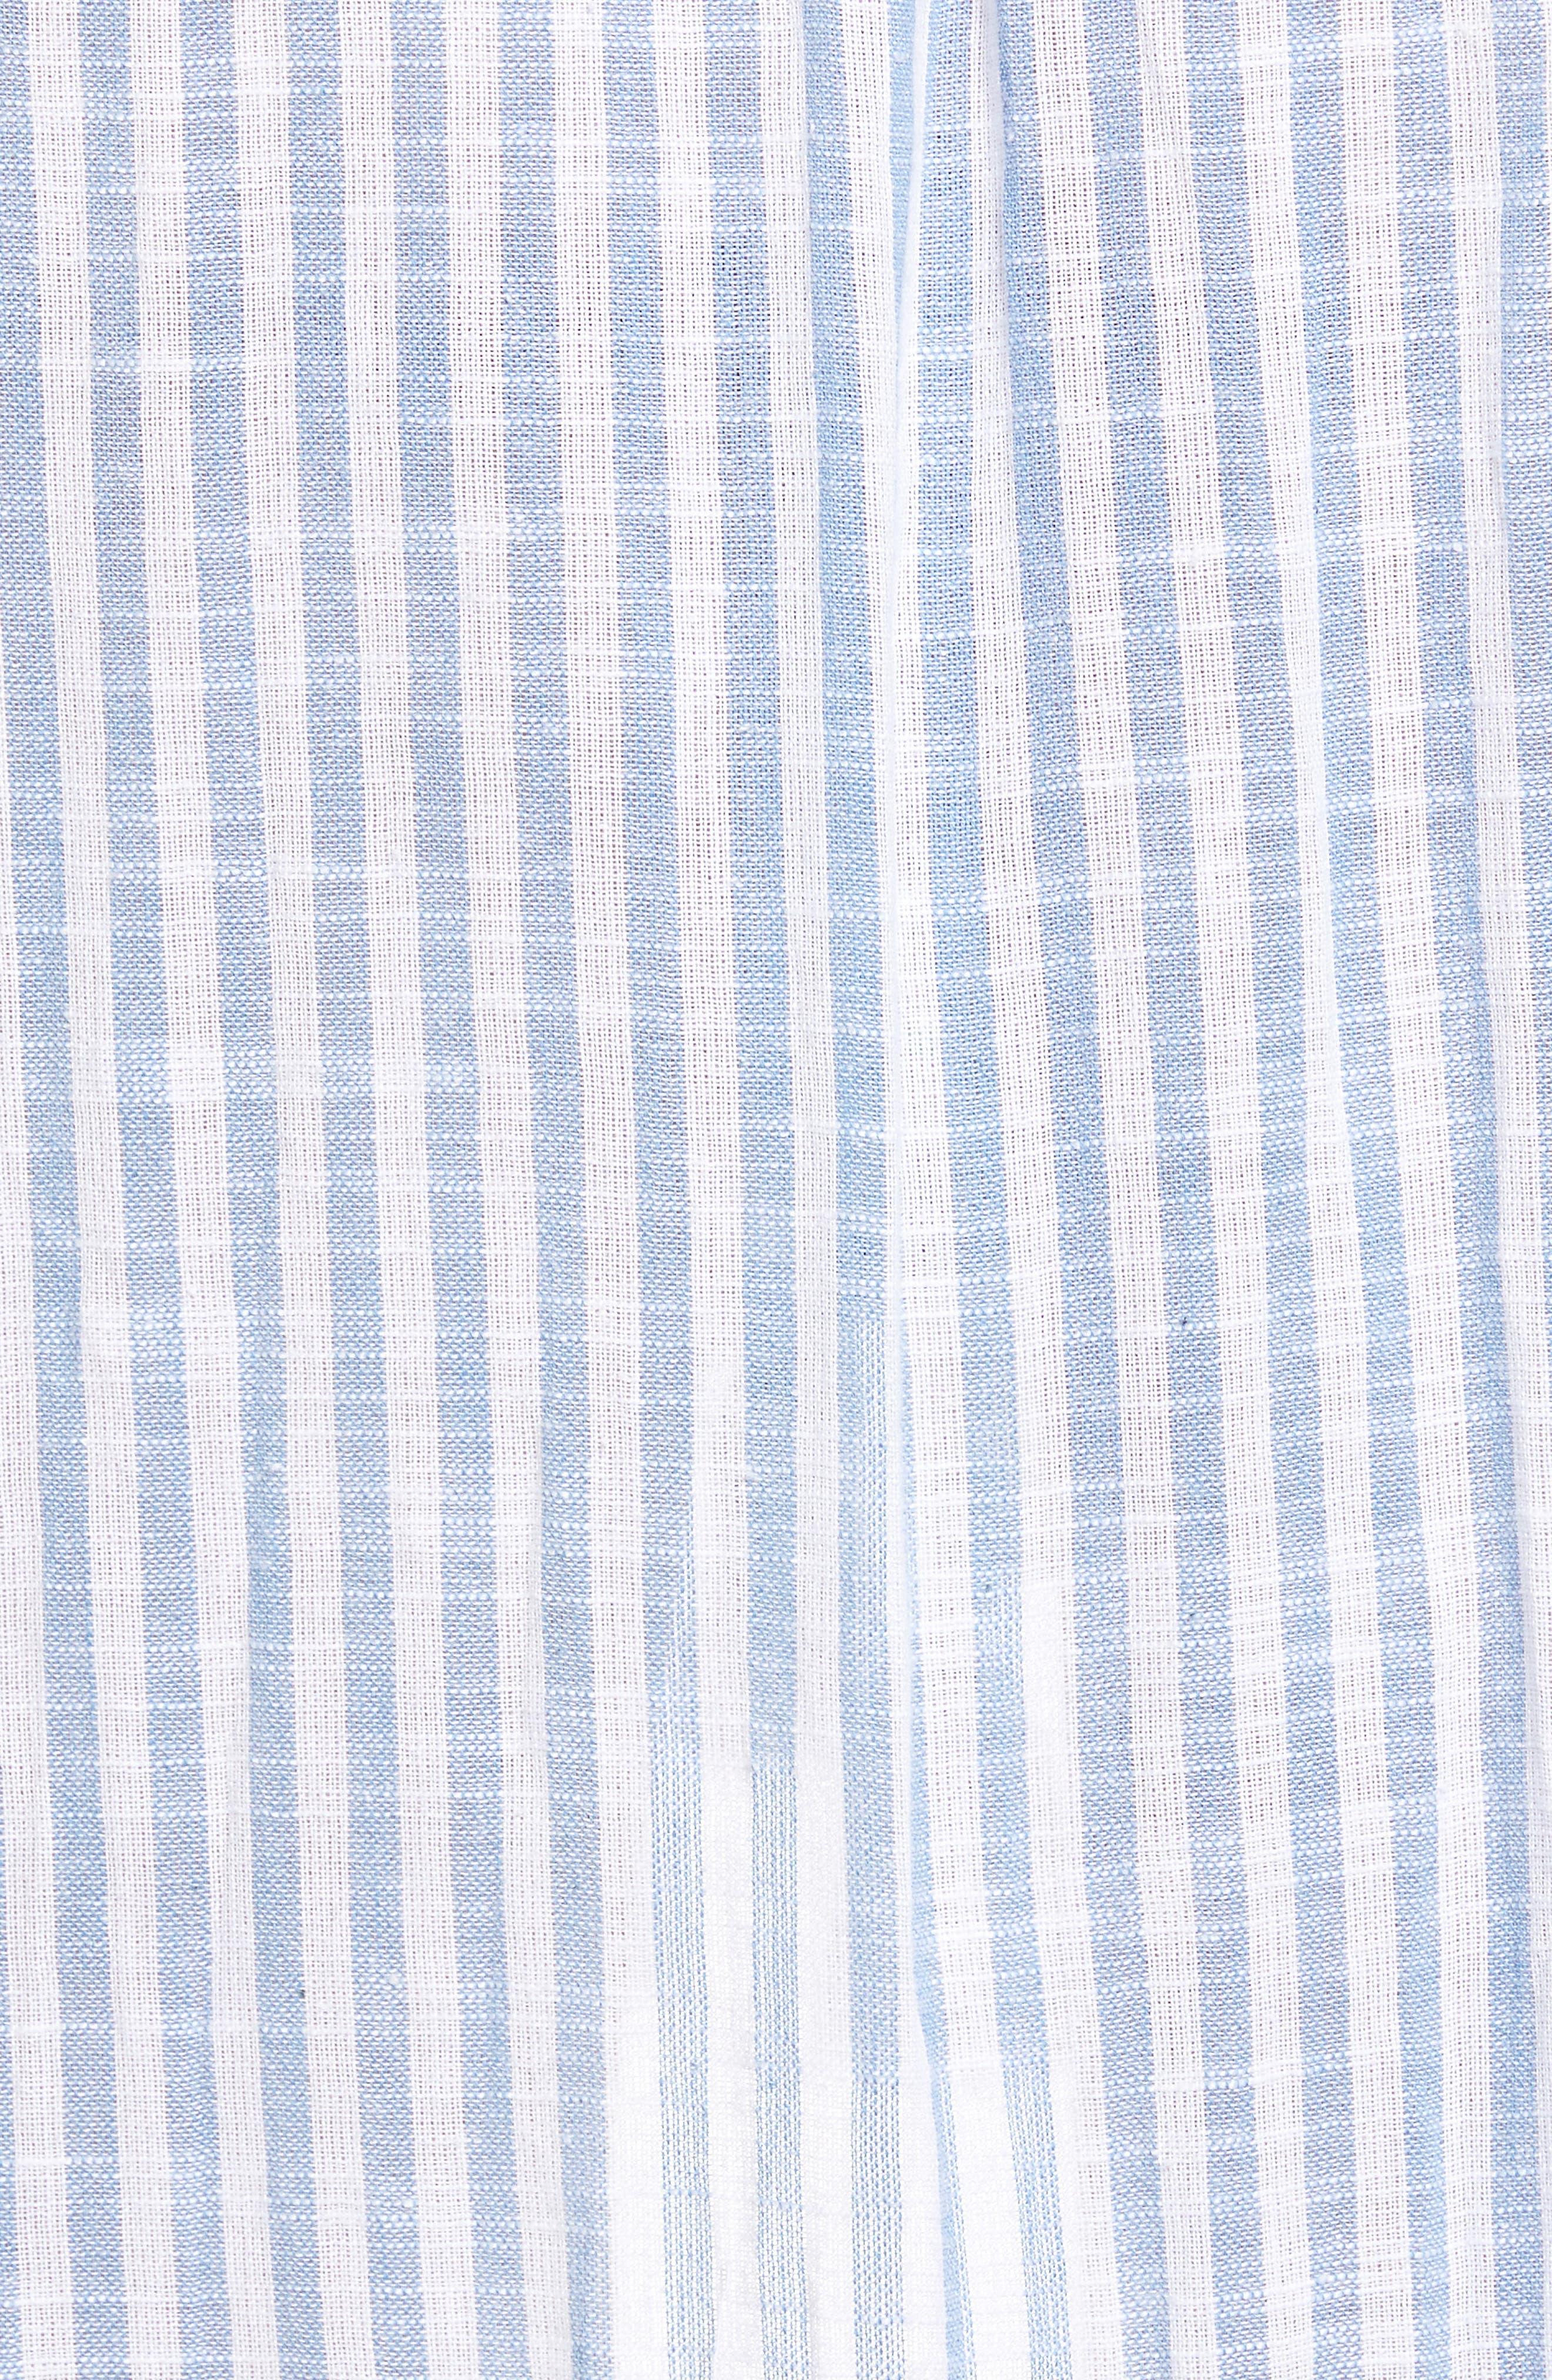 Rosero Ruffle High/Low Skirt,                             Alternate thumbnail 5, color,                             BLUE STRIPE